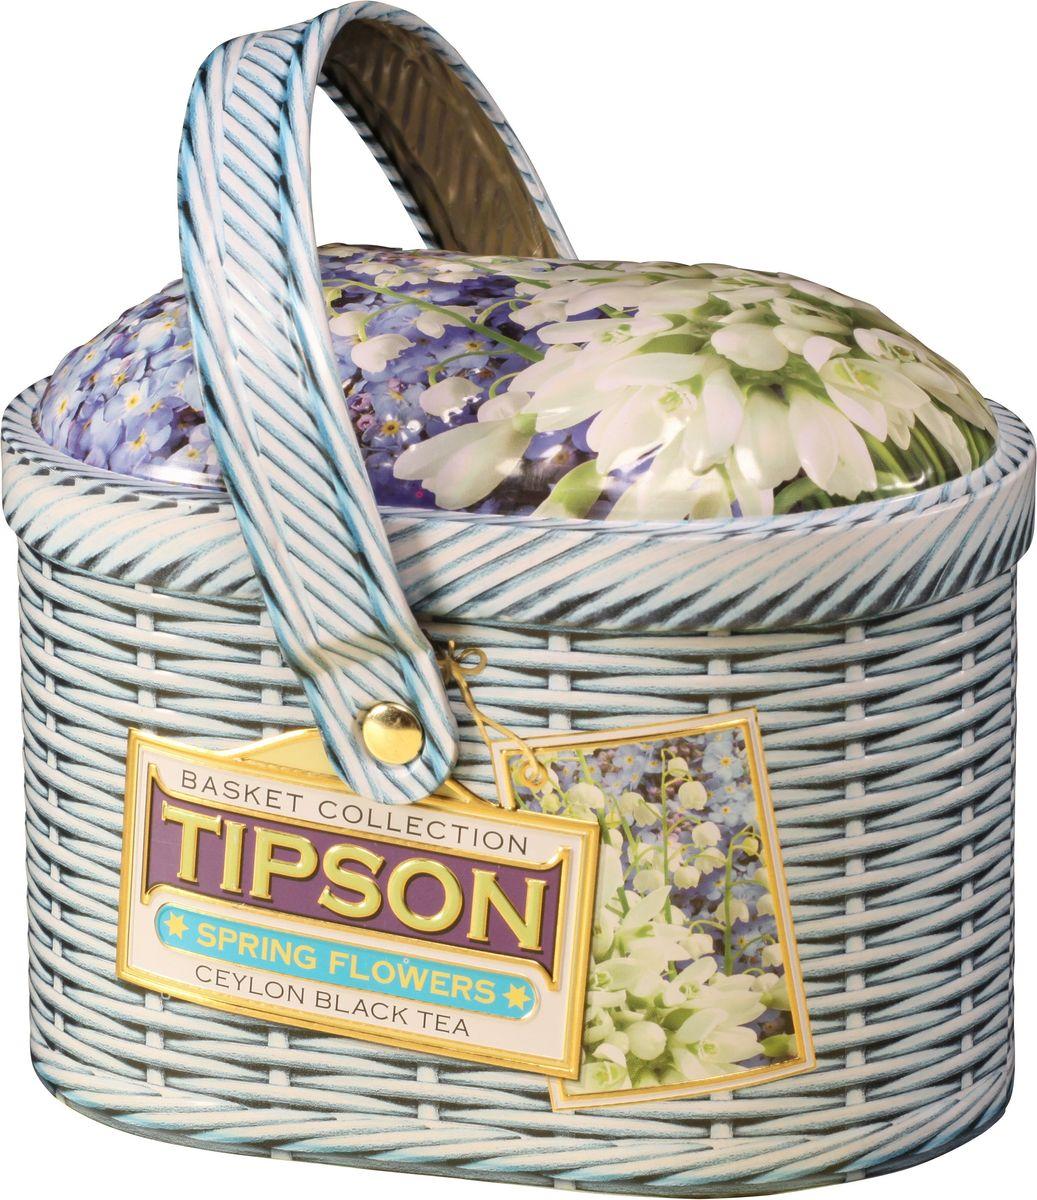 Tipson Basket-Spring черный листовой чай с лепестками василька, 80 г (жестяная банка) basilur frosty afternoon черный листовой чай 100 г жестяная банка